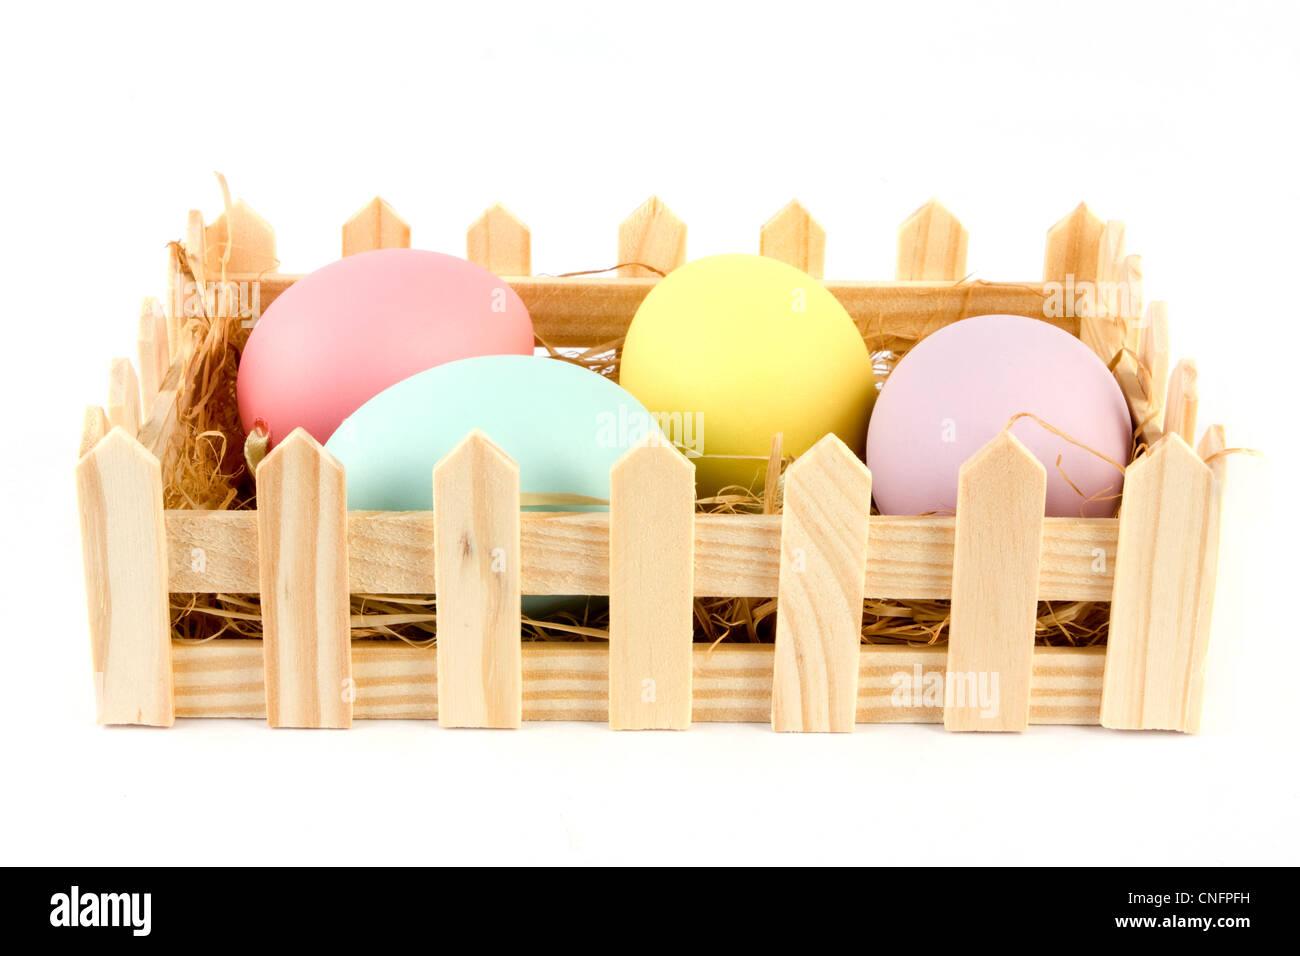 Cesta de huevos de Pascua sobre un fondo blanco. Foto de stock